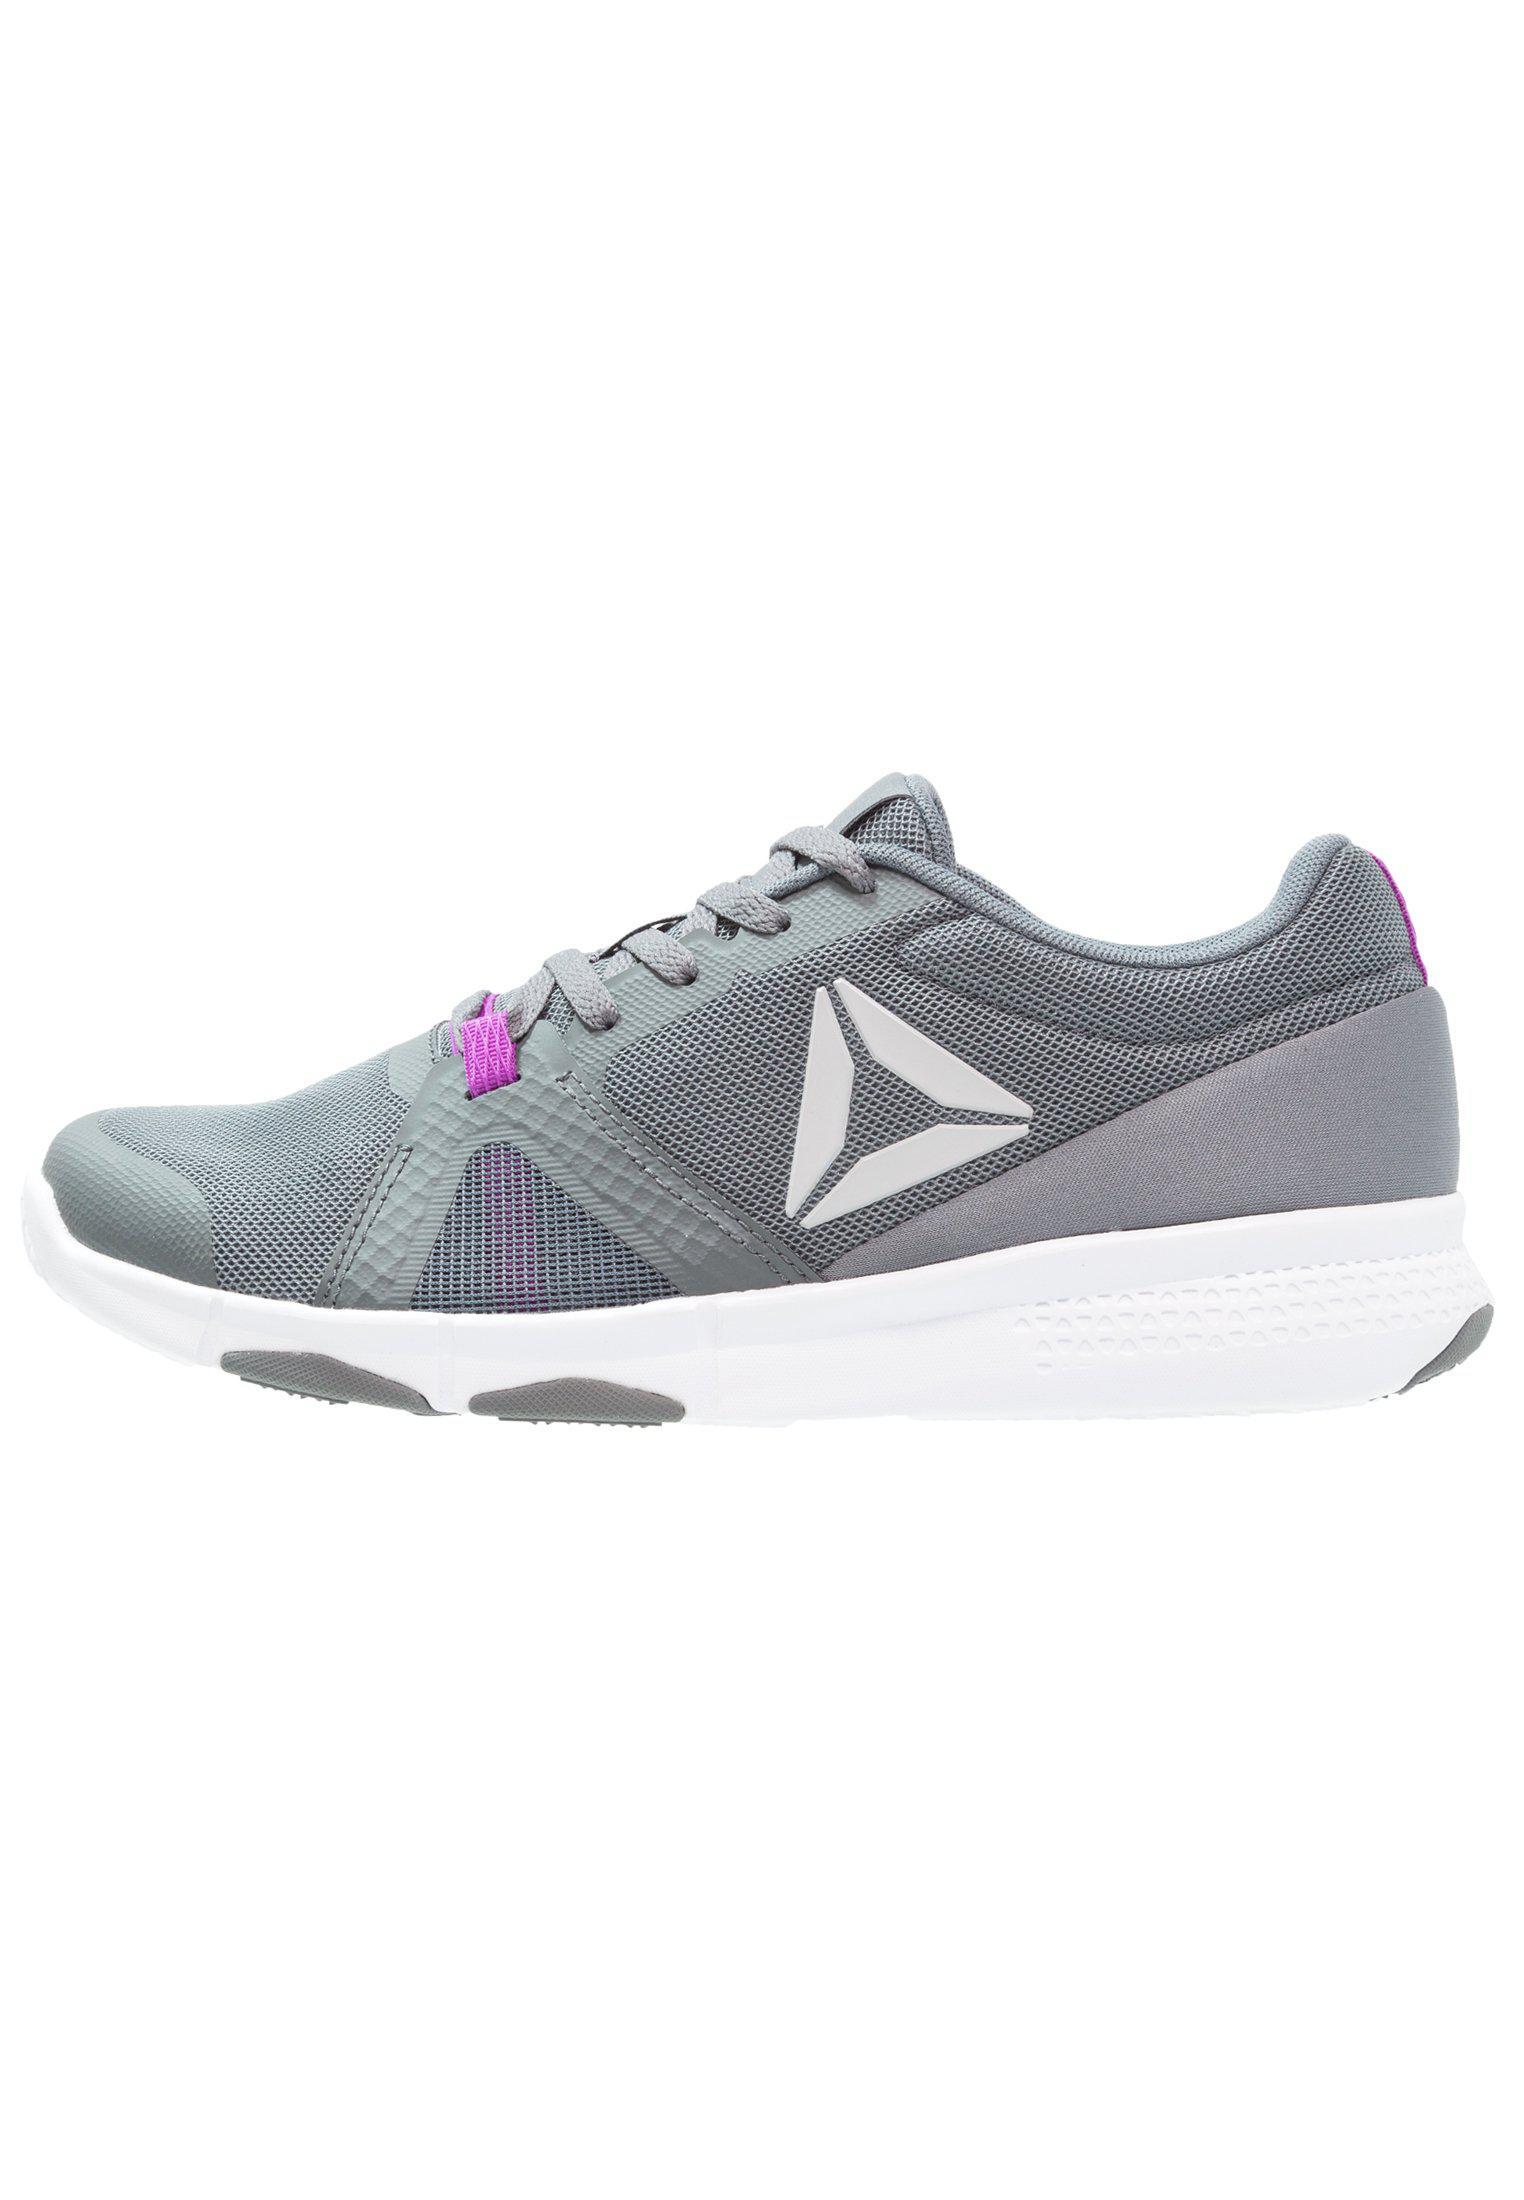 ec933919f1a1 Lyst - Reebok Trainflex Lite Sports Shoes in White